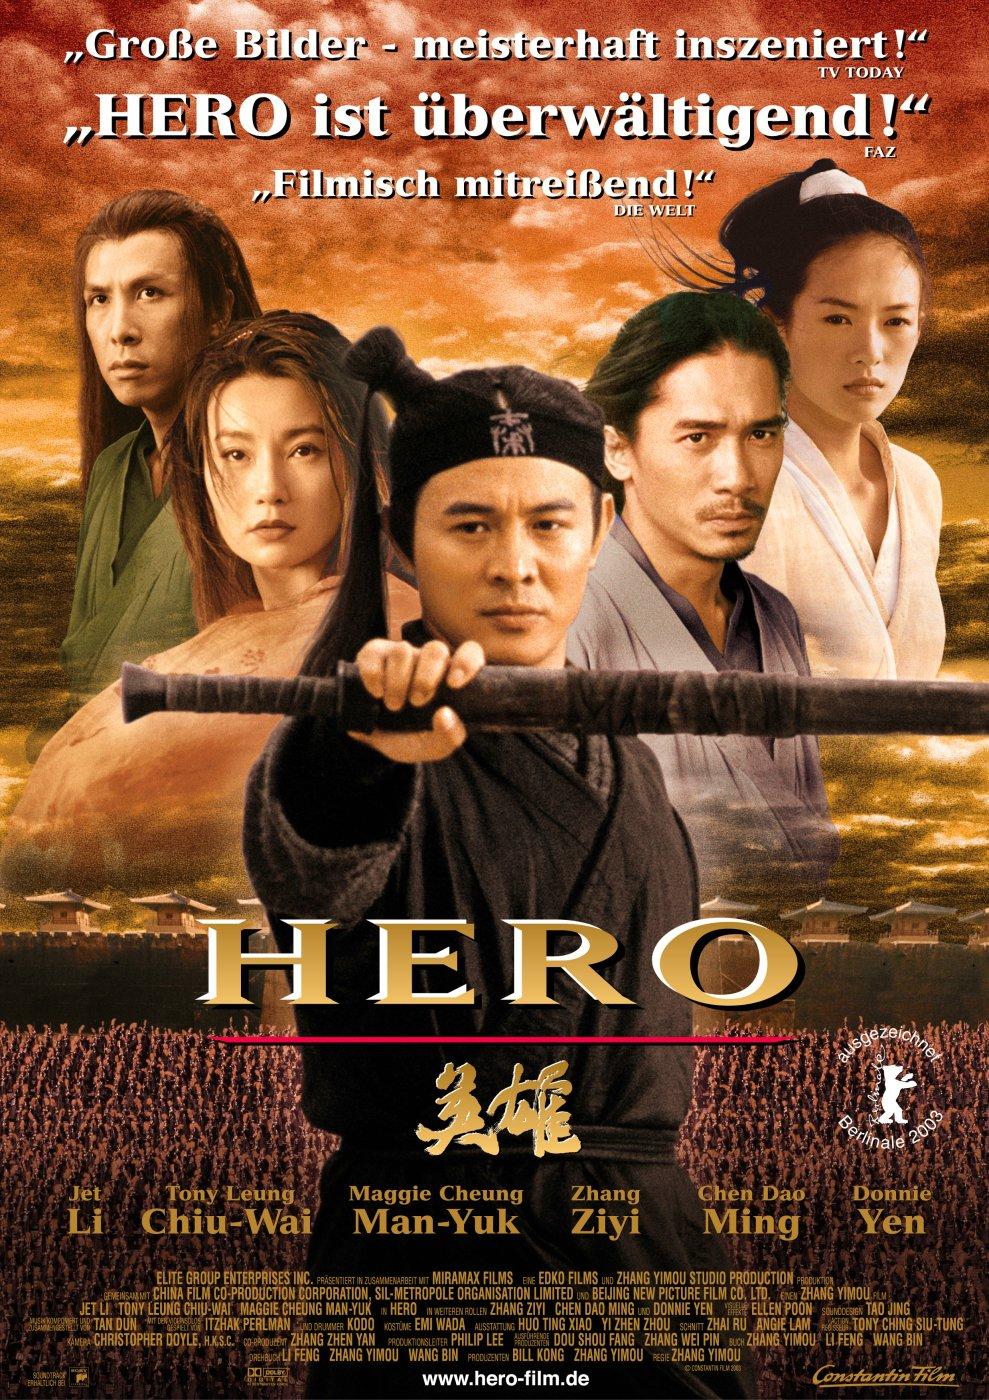 Xem Phim Anh Hùng 2002 2002